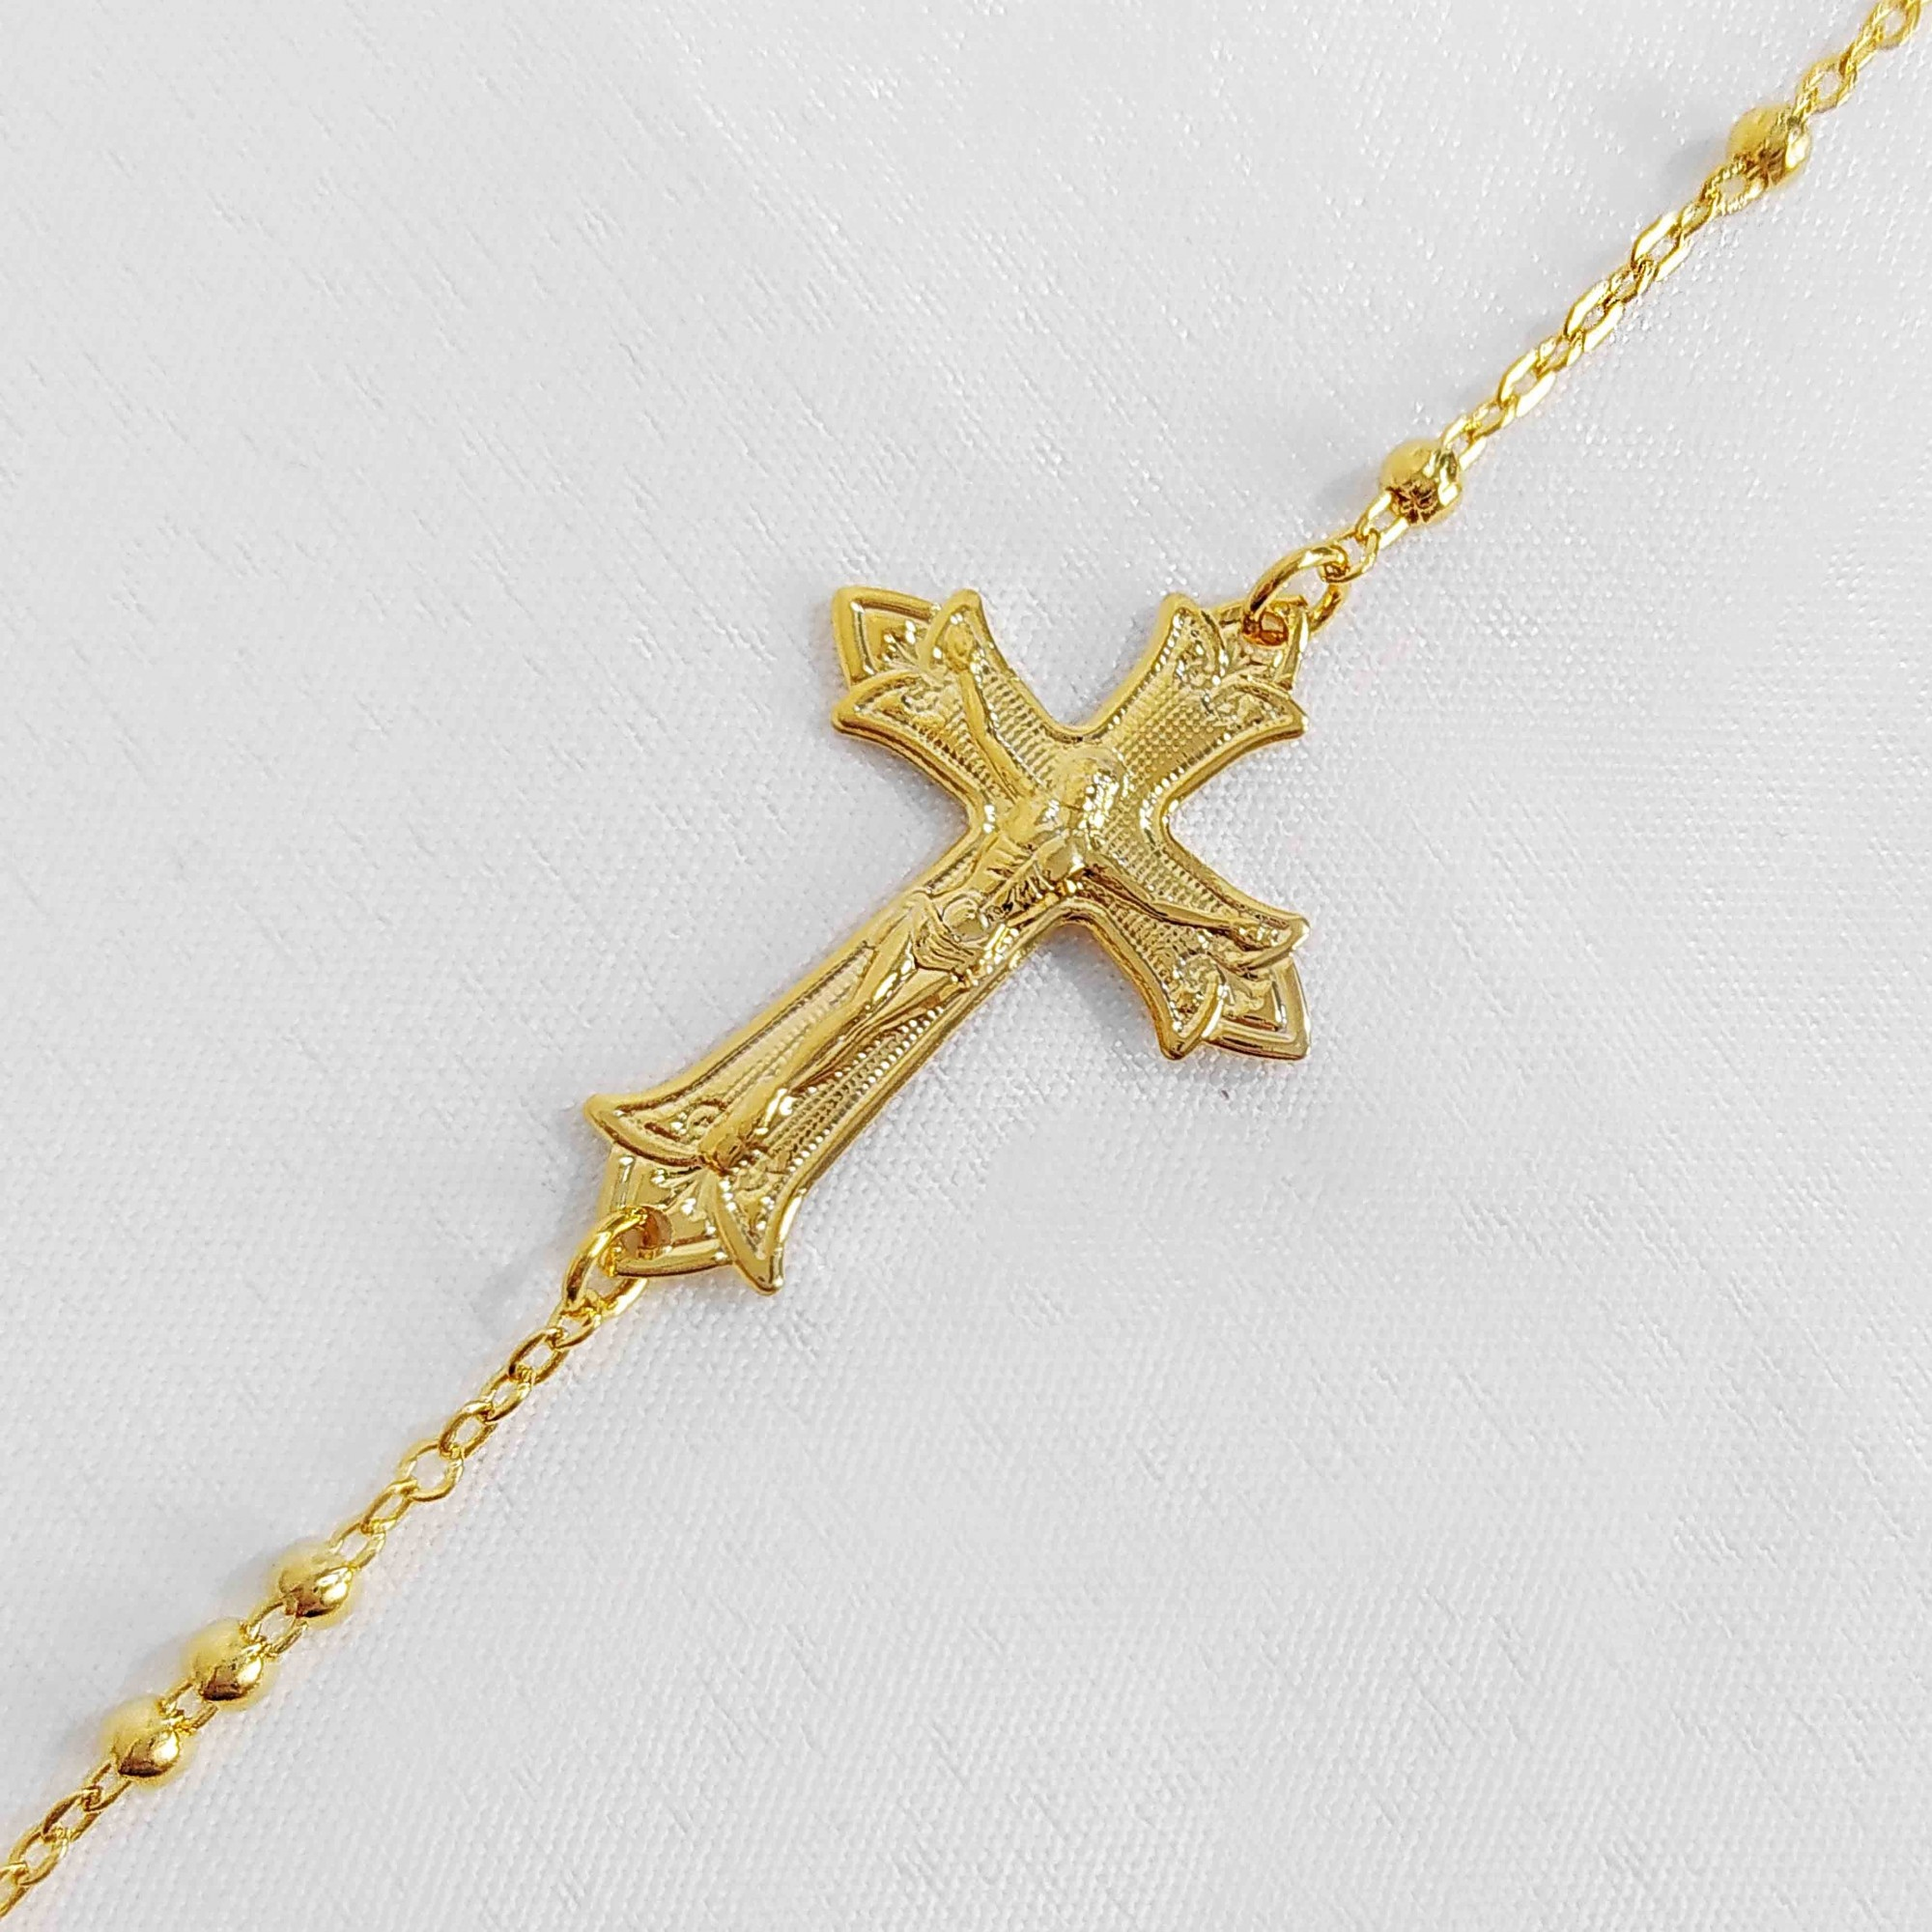 Pulseira Cruz Jesus em Relevo Folheado a Ouro 18k